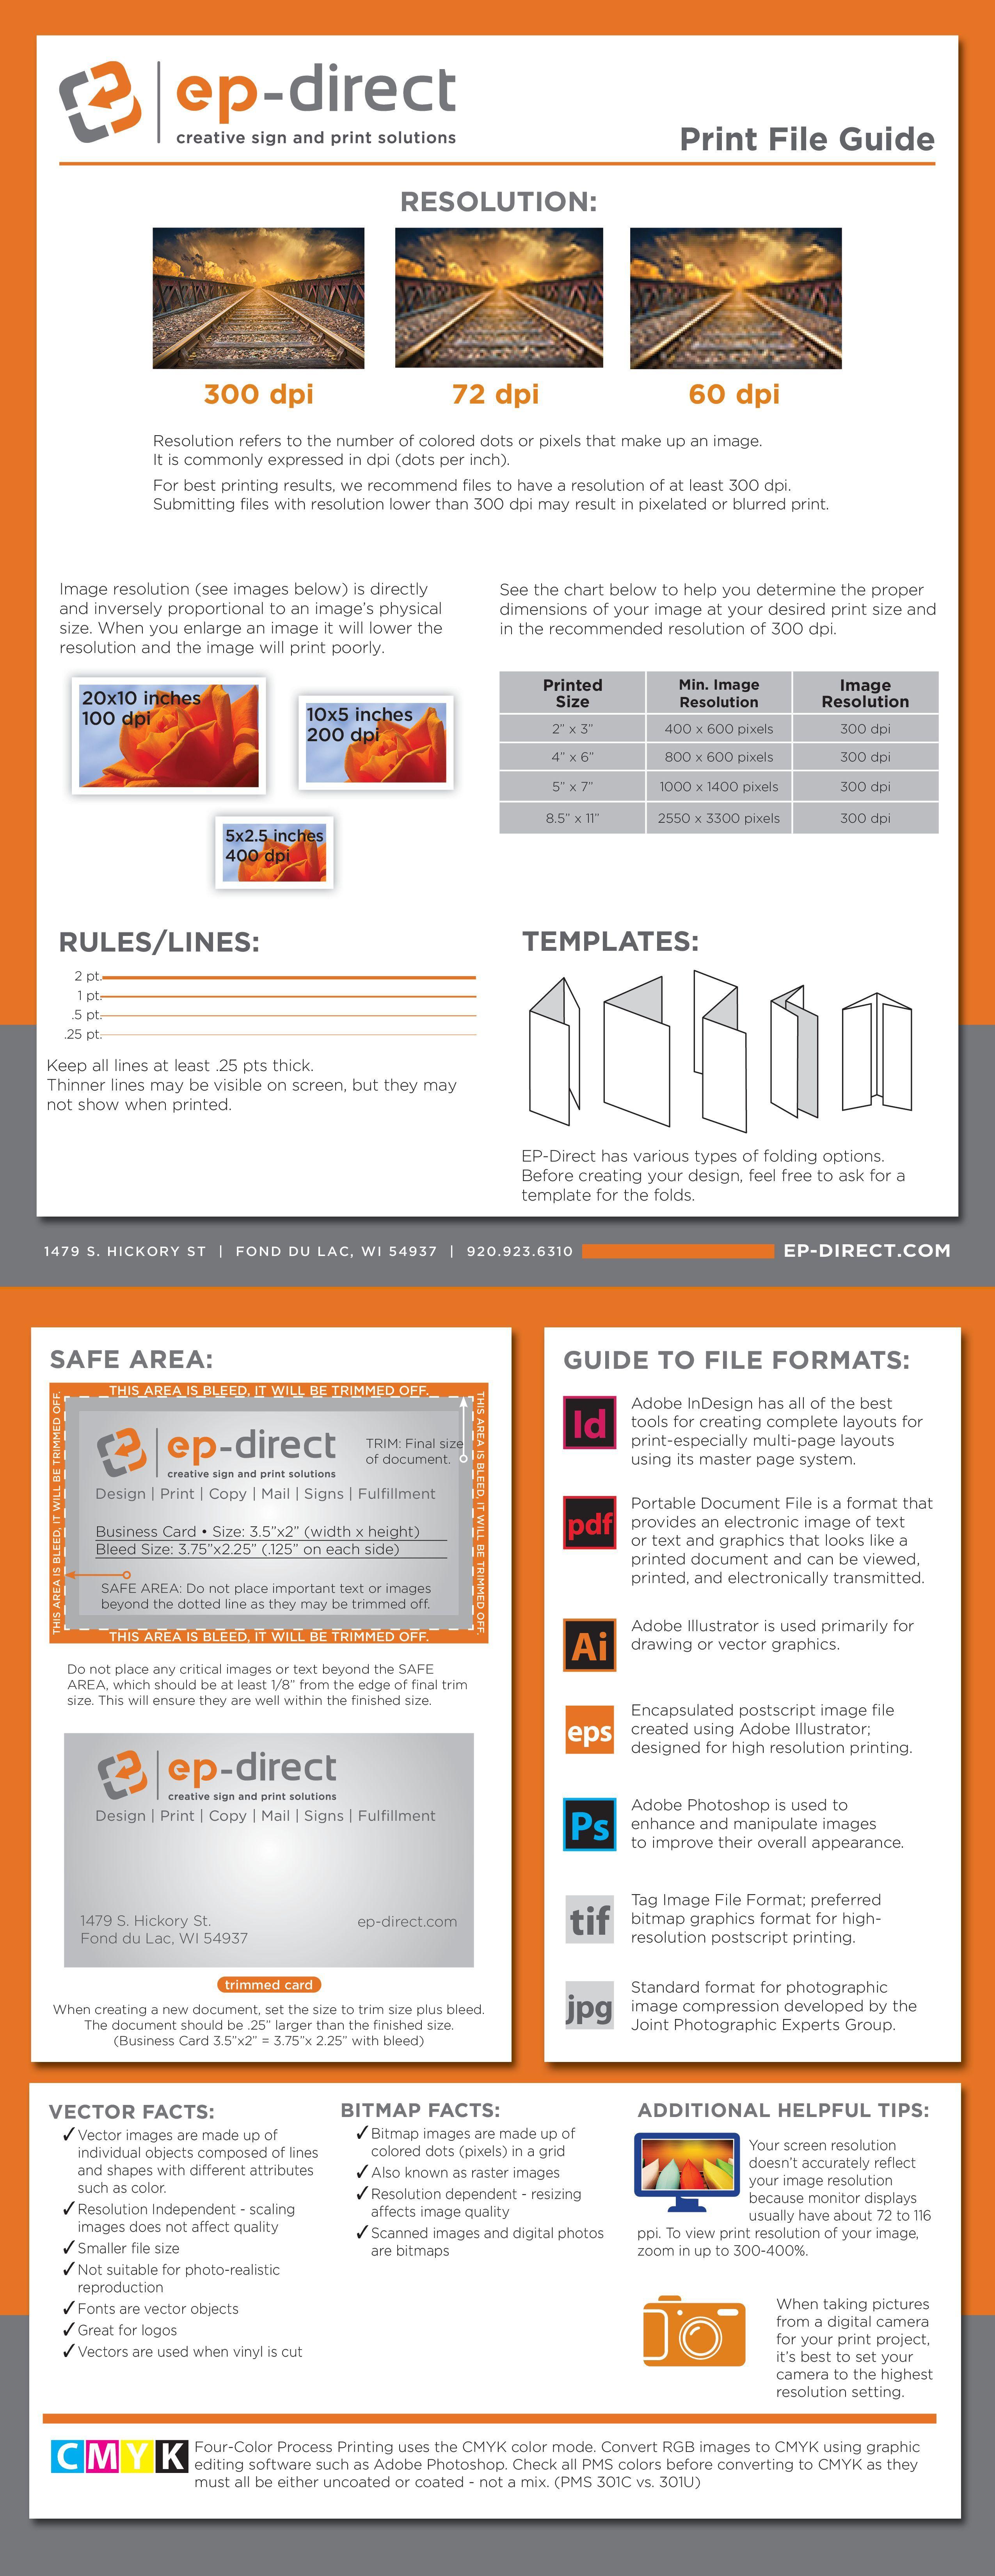 Print File Guide